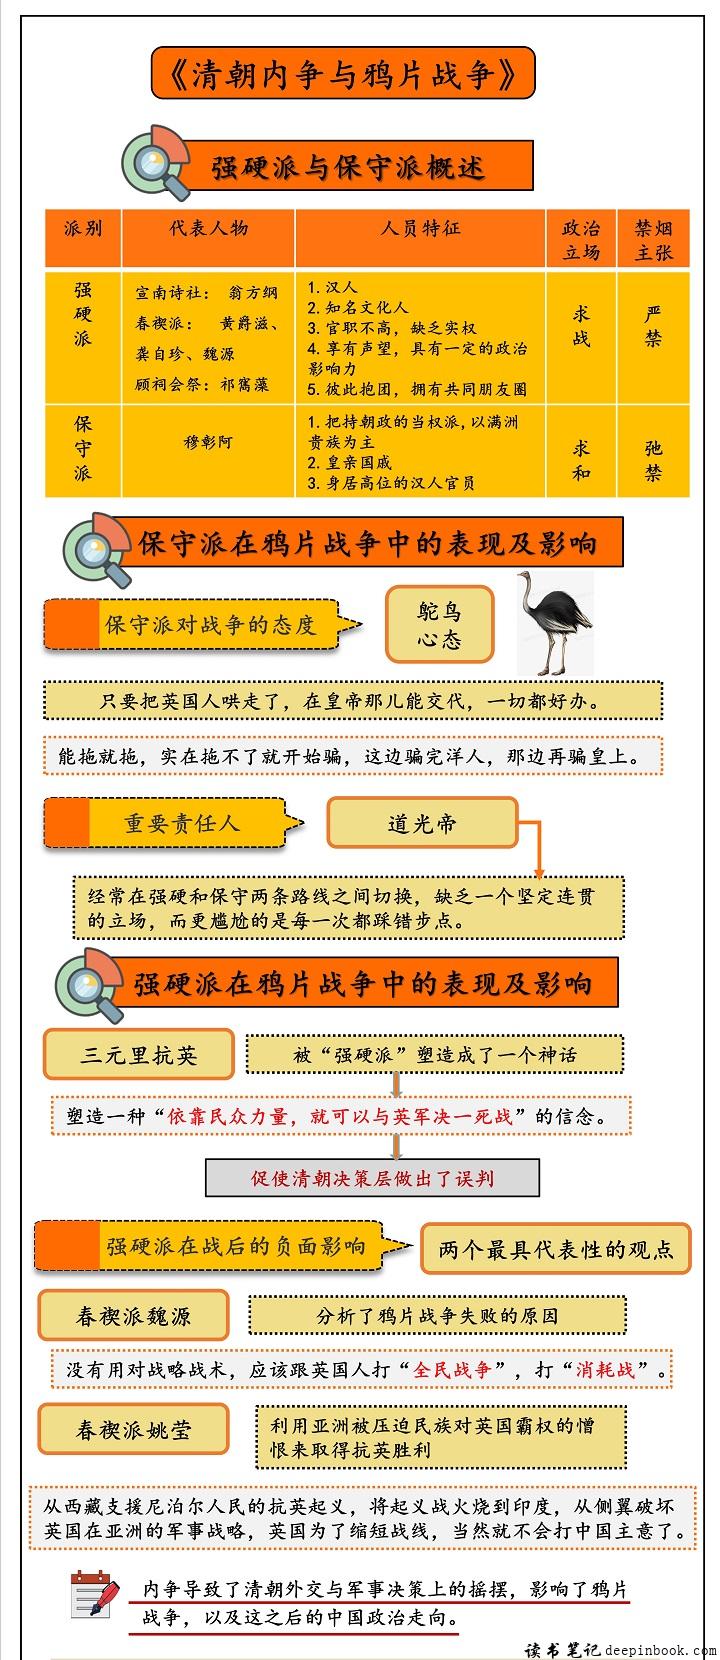 清朝内争与鸦片战争思维导图